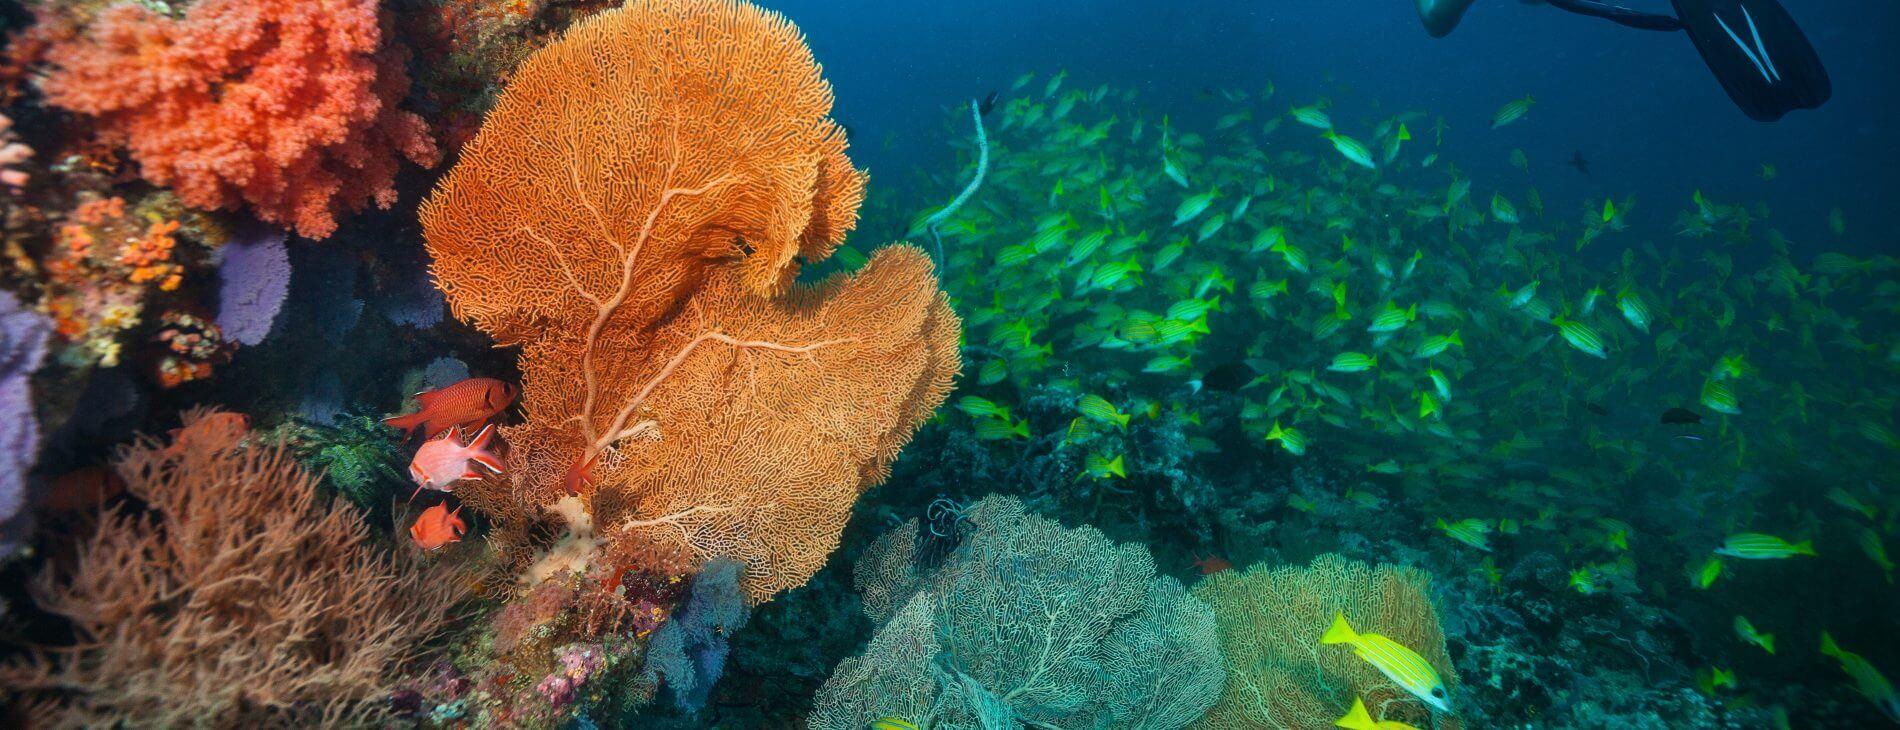 Mastroviaggiatore Maldive Reef